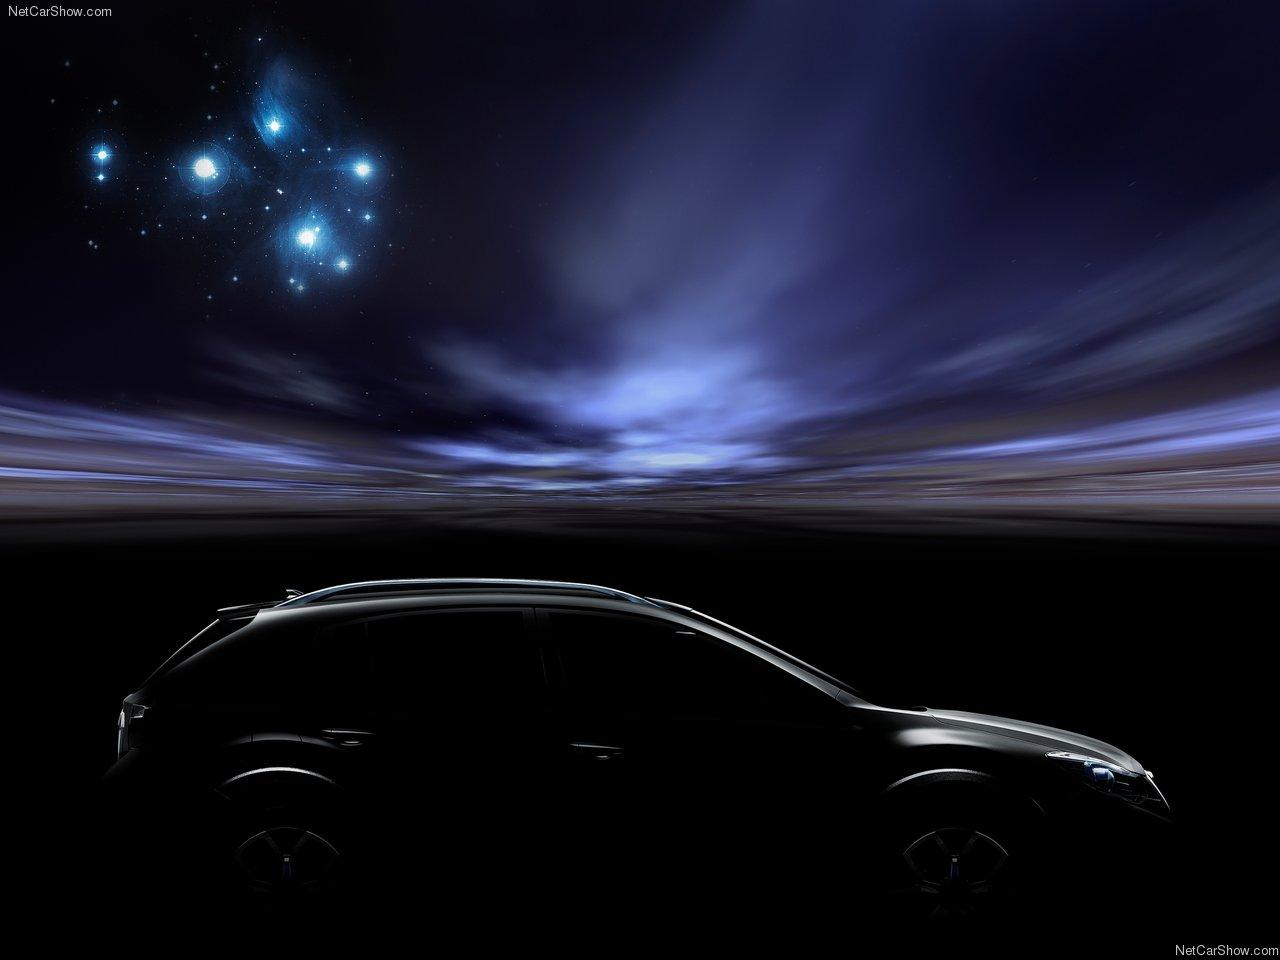 http://4.bp.blogspot.com/-PXtR5PF2YCU/Ta_5GfAt0WI/AAAAAAAAPMQ/26LP3aOyC2c/s1600/Subaru-XV_Concept_2011_1280x960_wallpaper_04.jpg